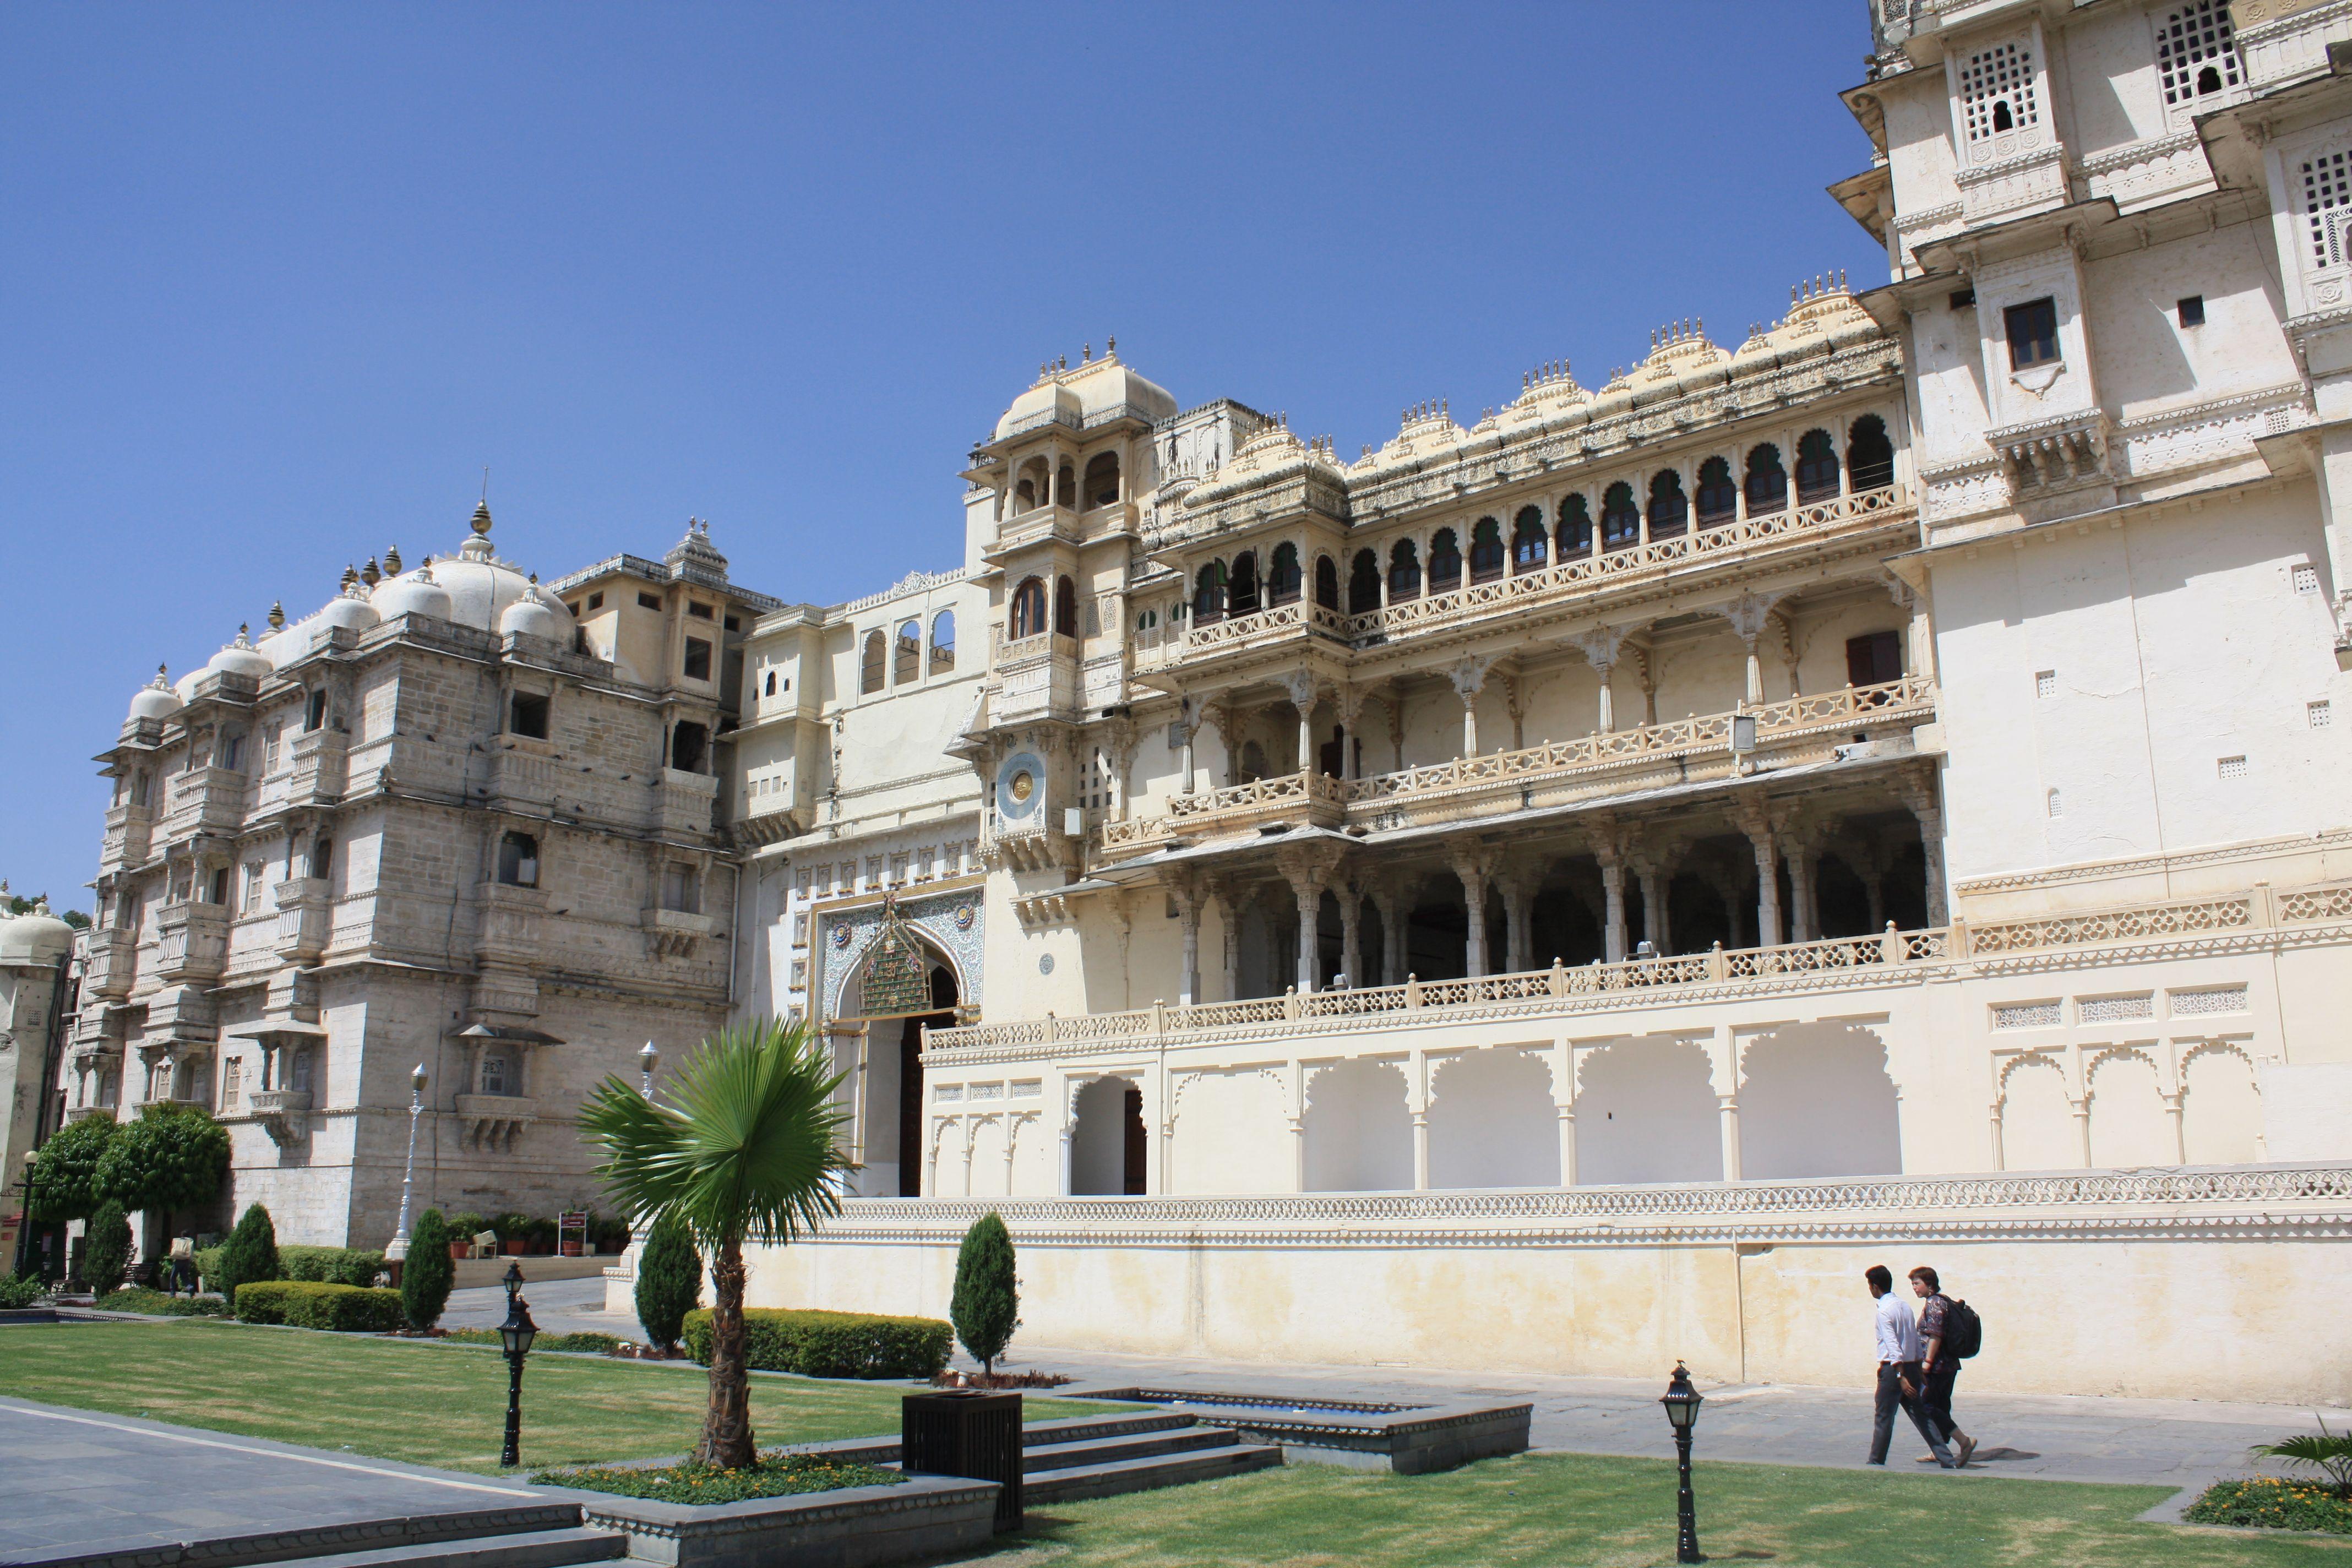 palais de maharaja d udaipur d couvrez les palais de l inde travers not les palais de l. Black Bedroom Furniture Sets. Home Design Ideas